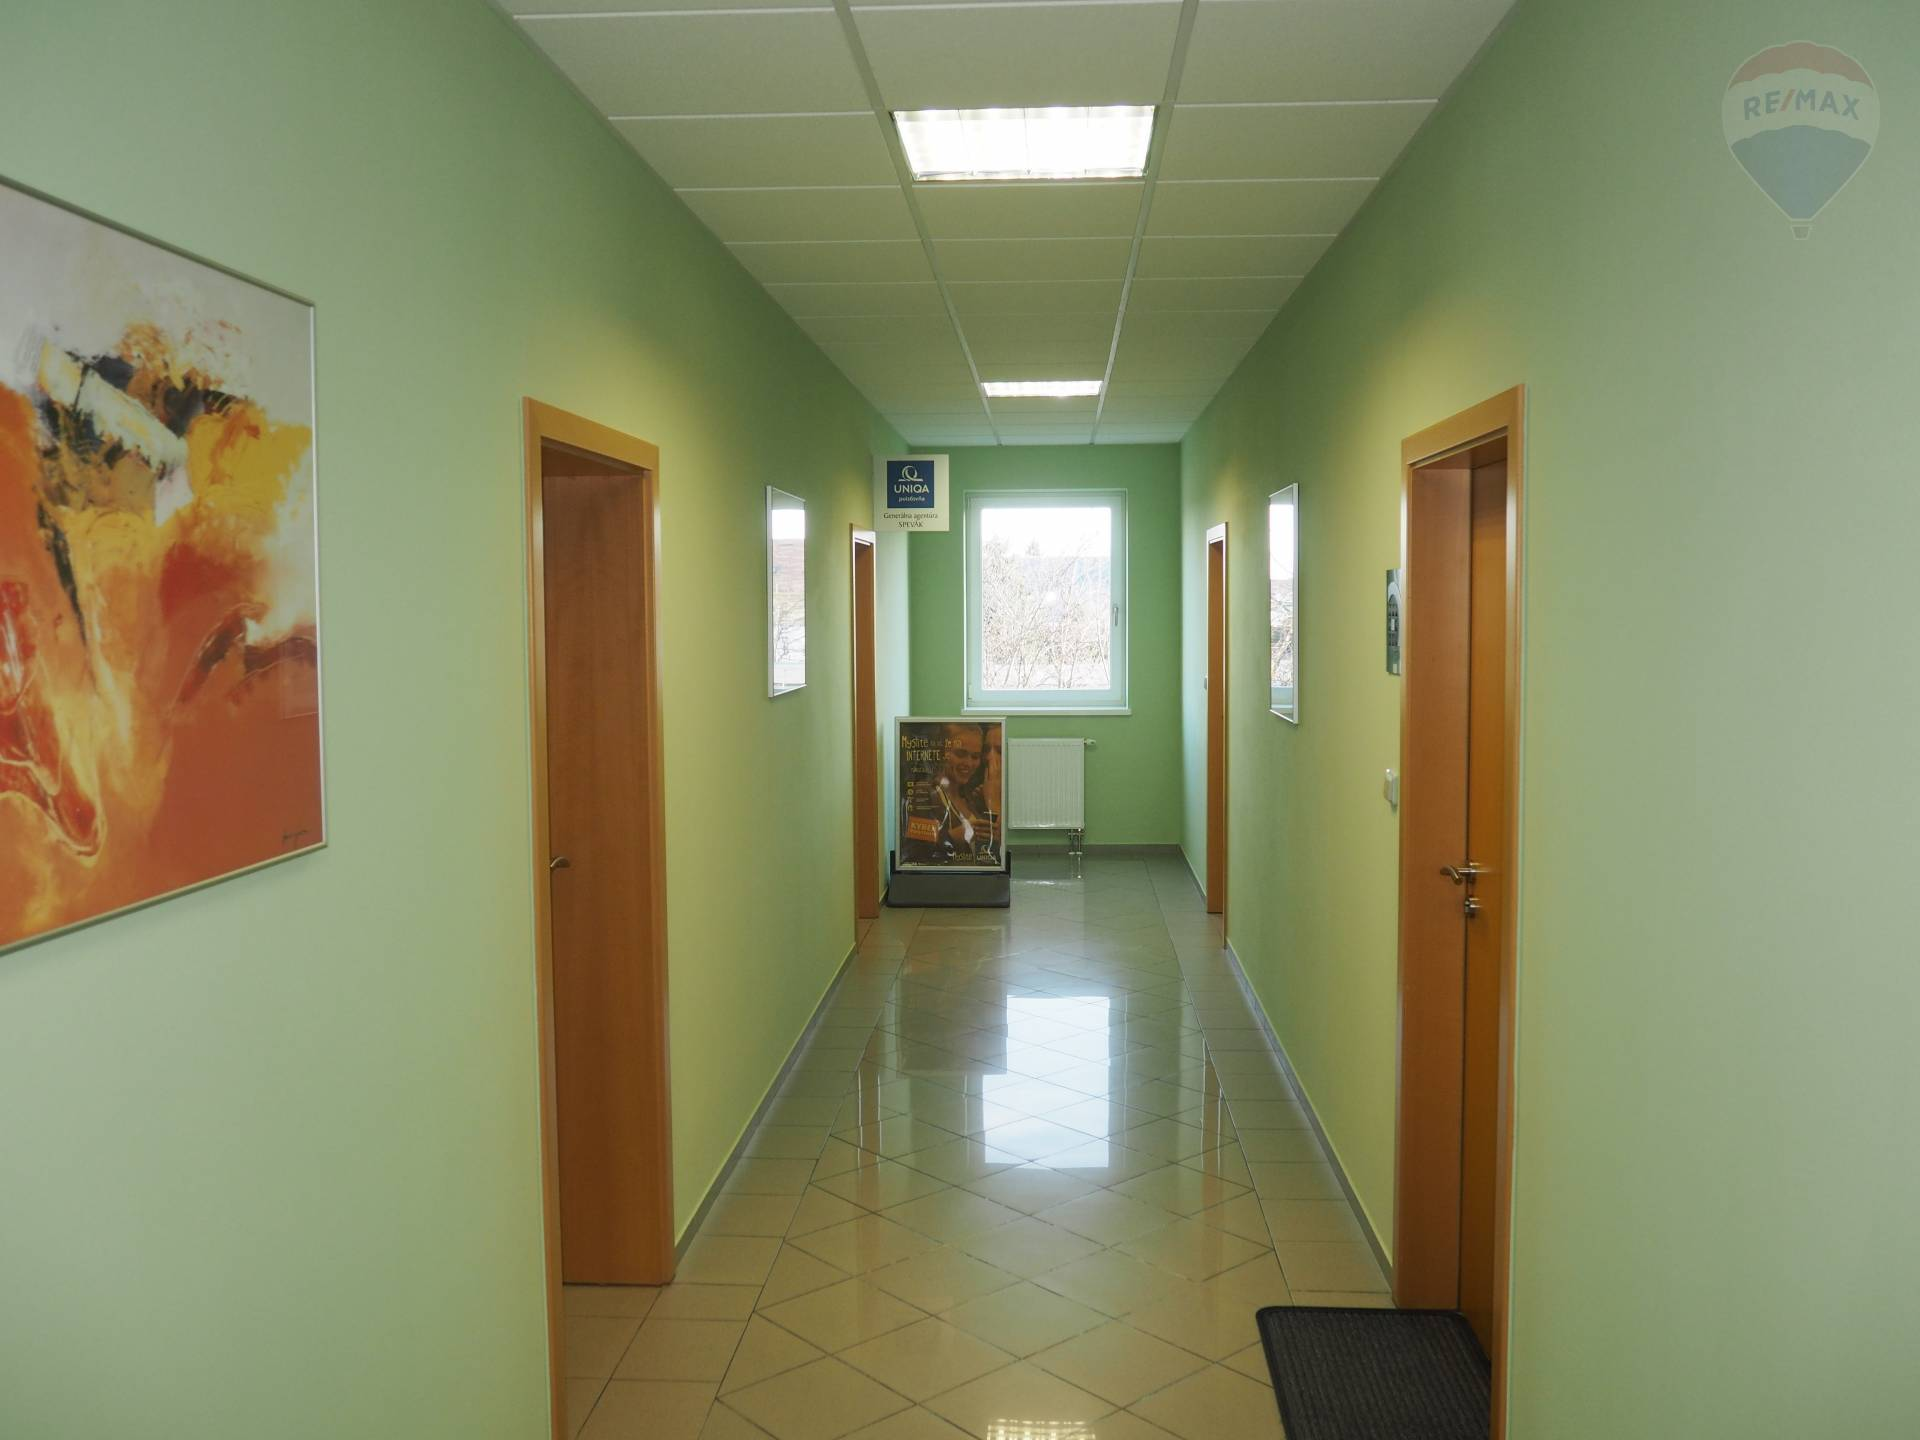 Prenájom komerčného priestoru 25 m2, Bratislava - Vrakuňa - Prenájom_kancelária_Hradská_Bratislava_Vrakuňa